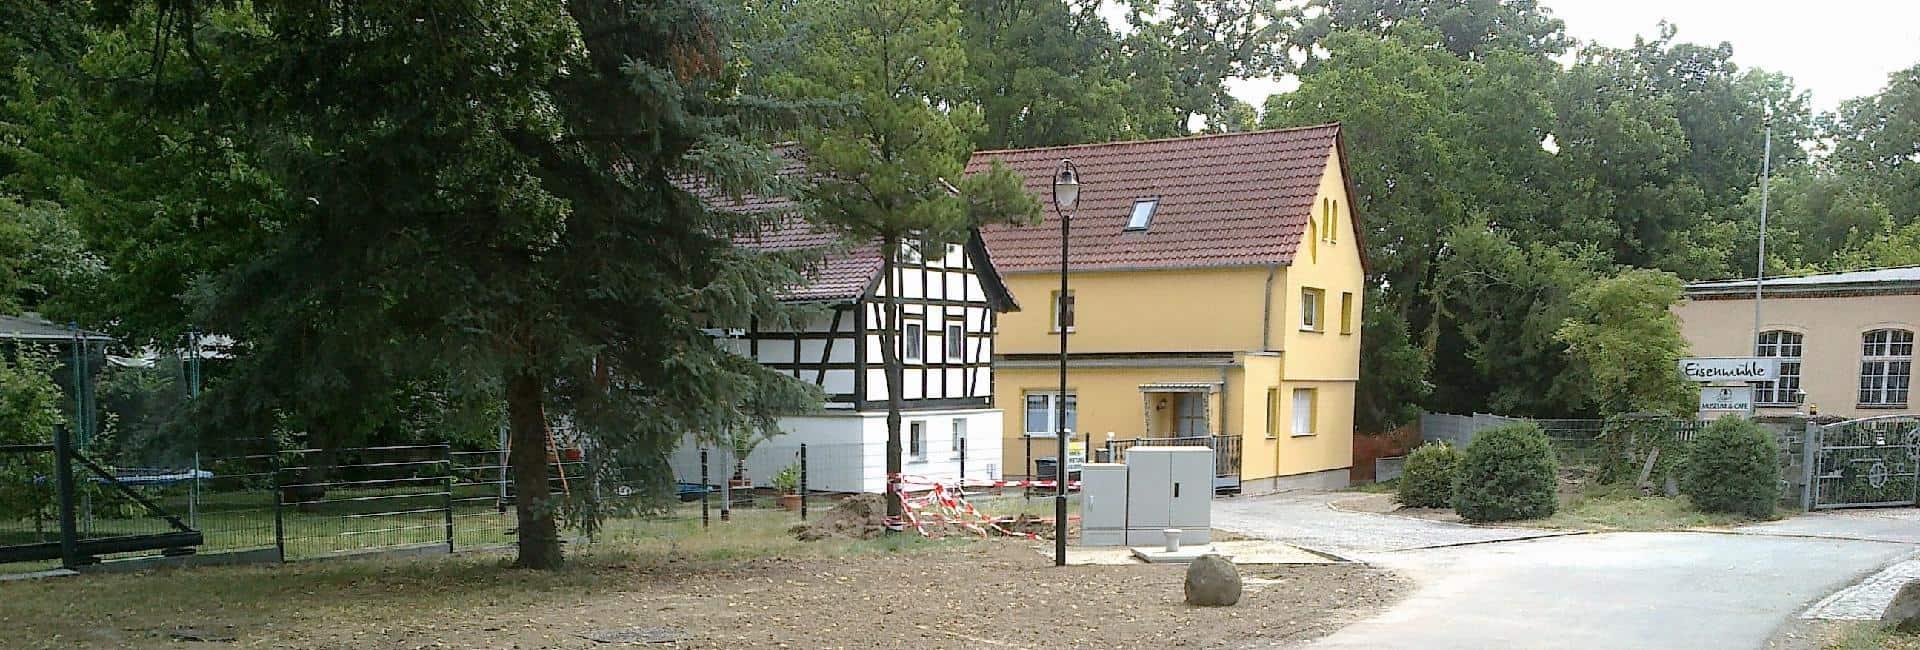 Pumpstation PSt9 im Ortsteil Oderwitz in Elstertrebnitz